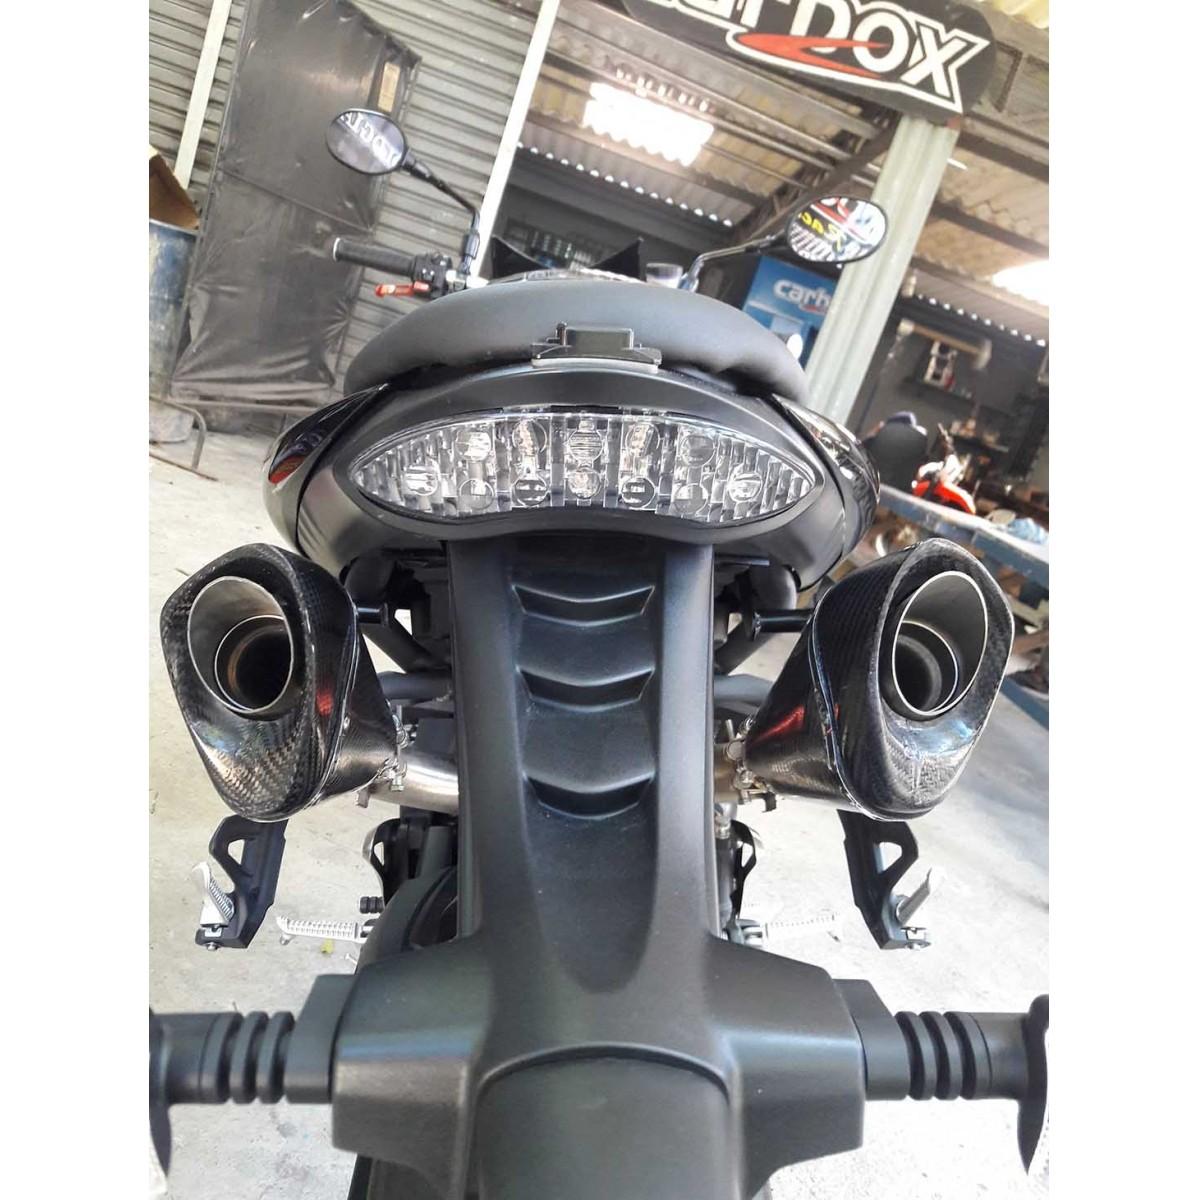 Ponteira Dupla Esportiva Scorpion GP 720 Inox  Triumph Speed Triple 1050